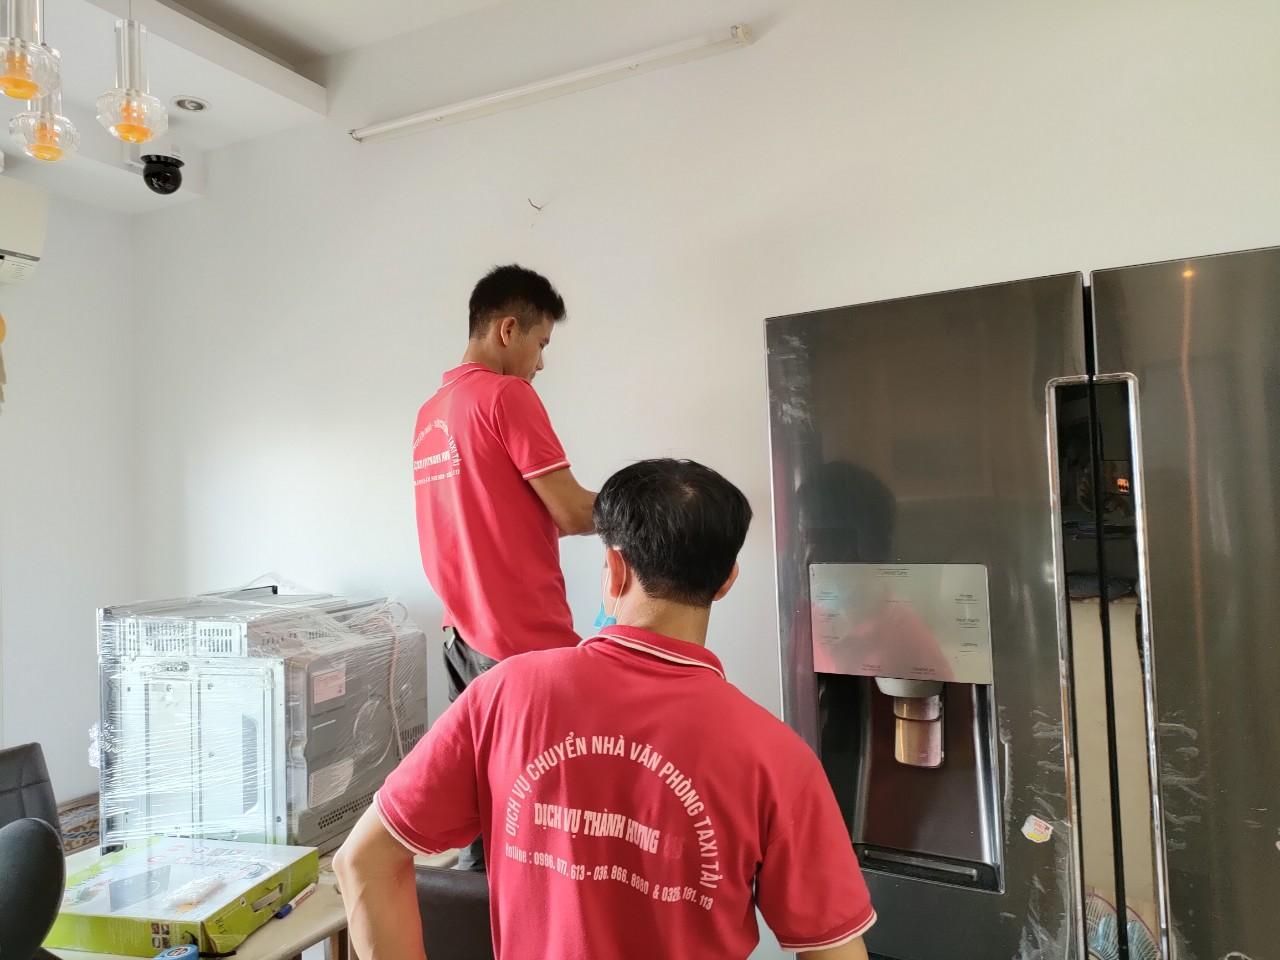 Dịch vụ chuyển văn phòng trọn gói tại Hà Nội - Thành Hưng